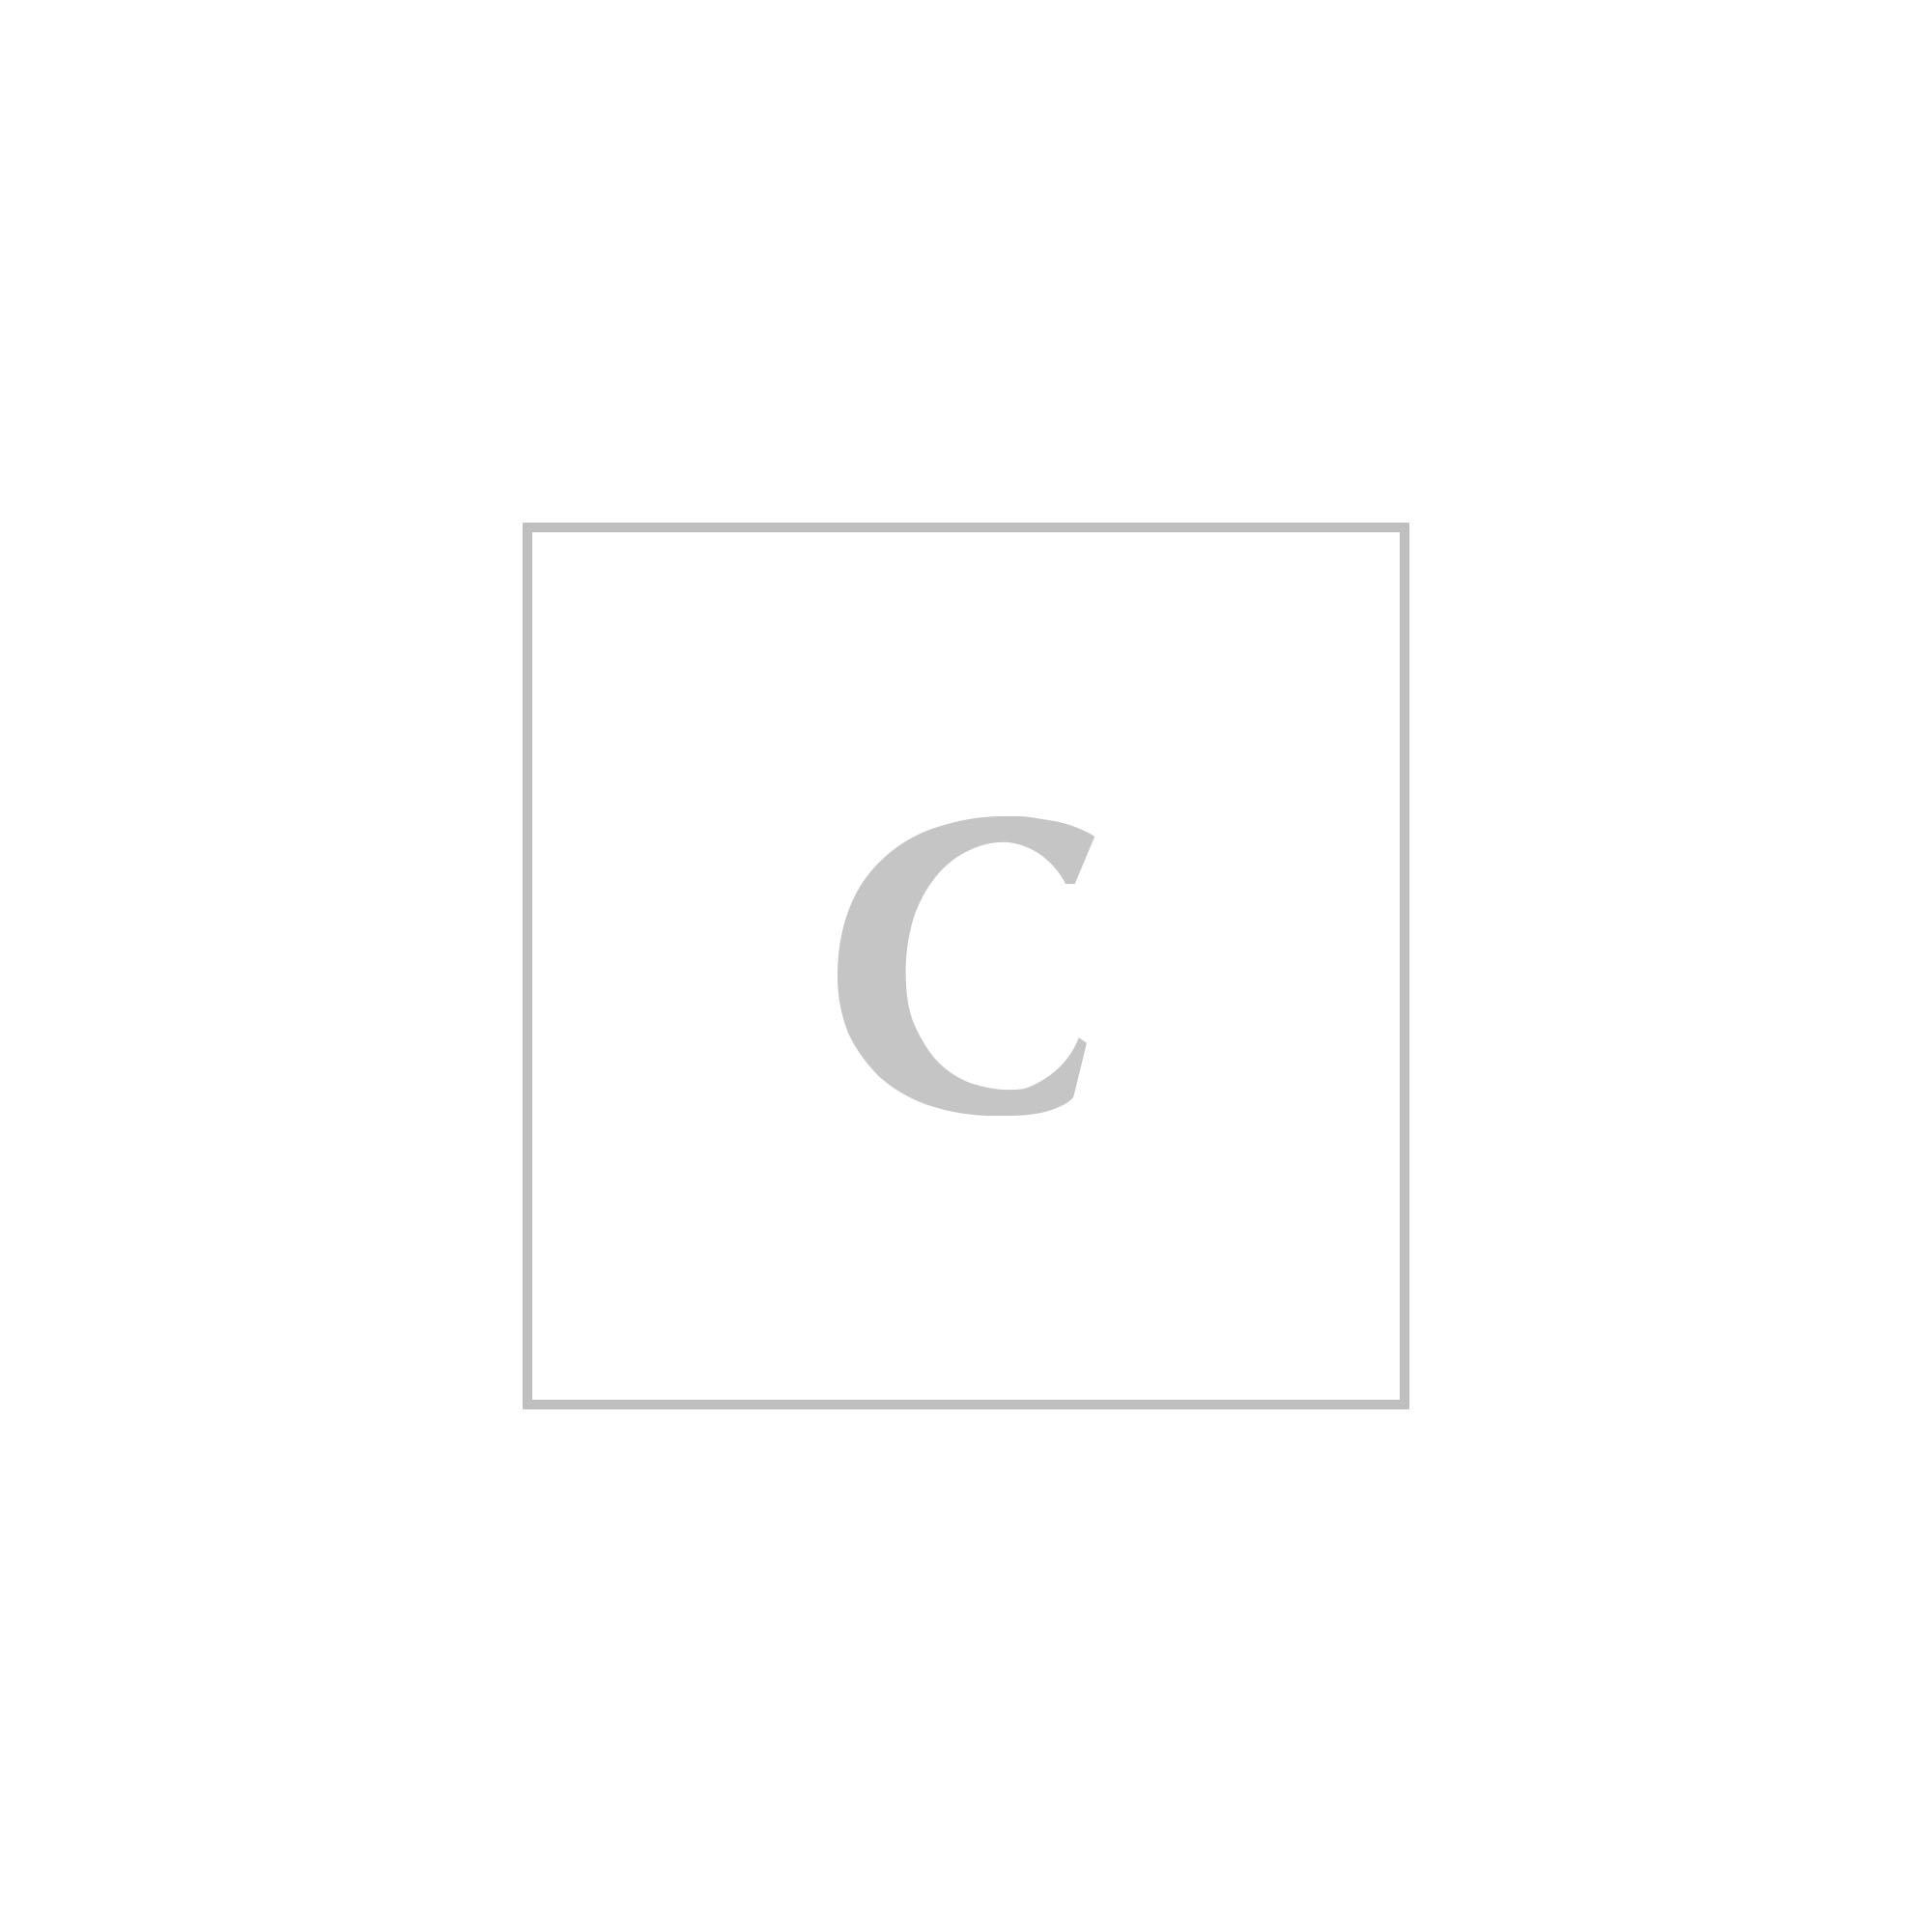 Prada p.foglio saffiano cuir bicolore